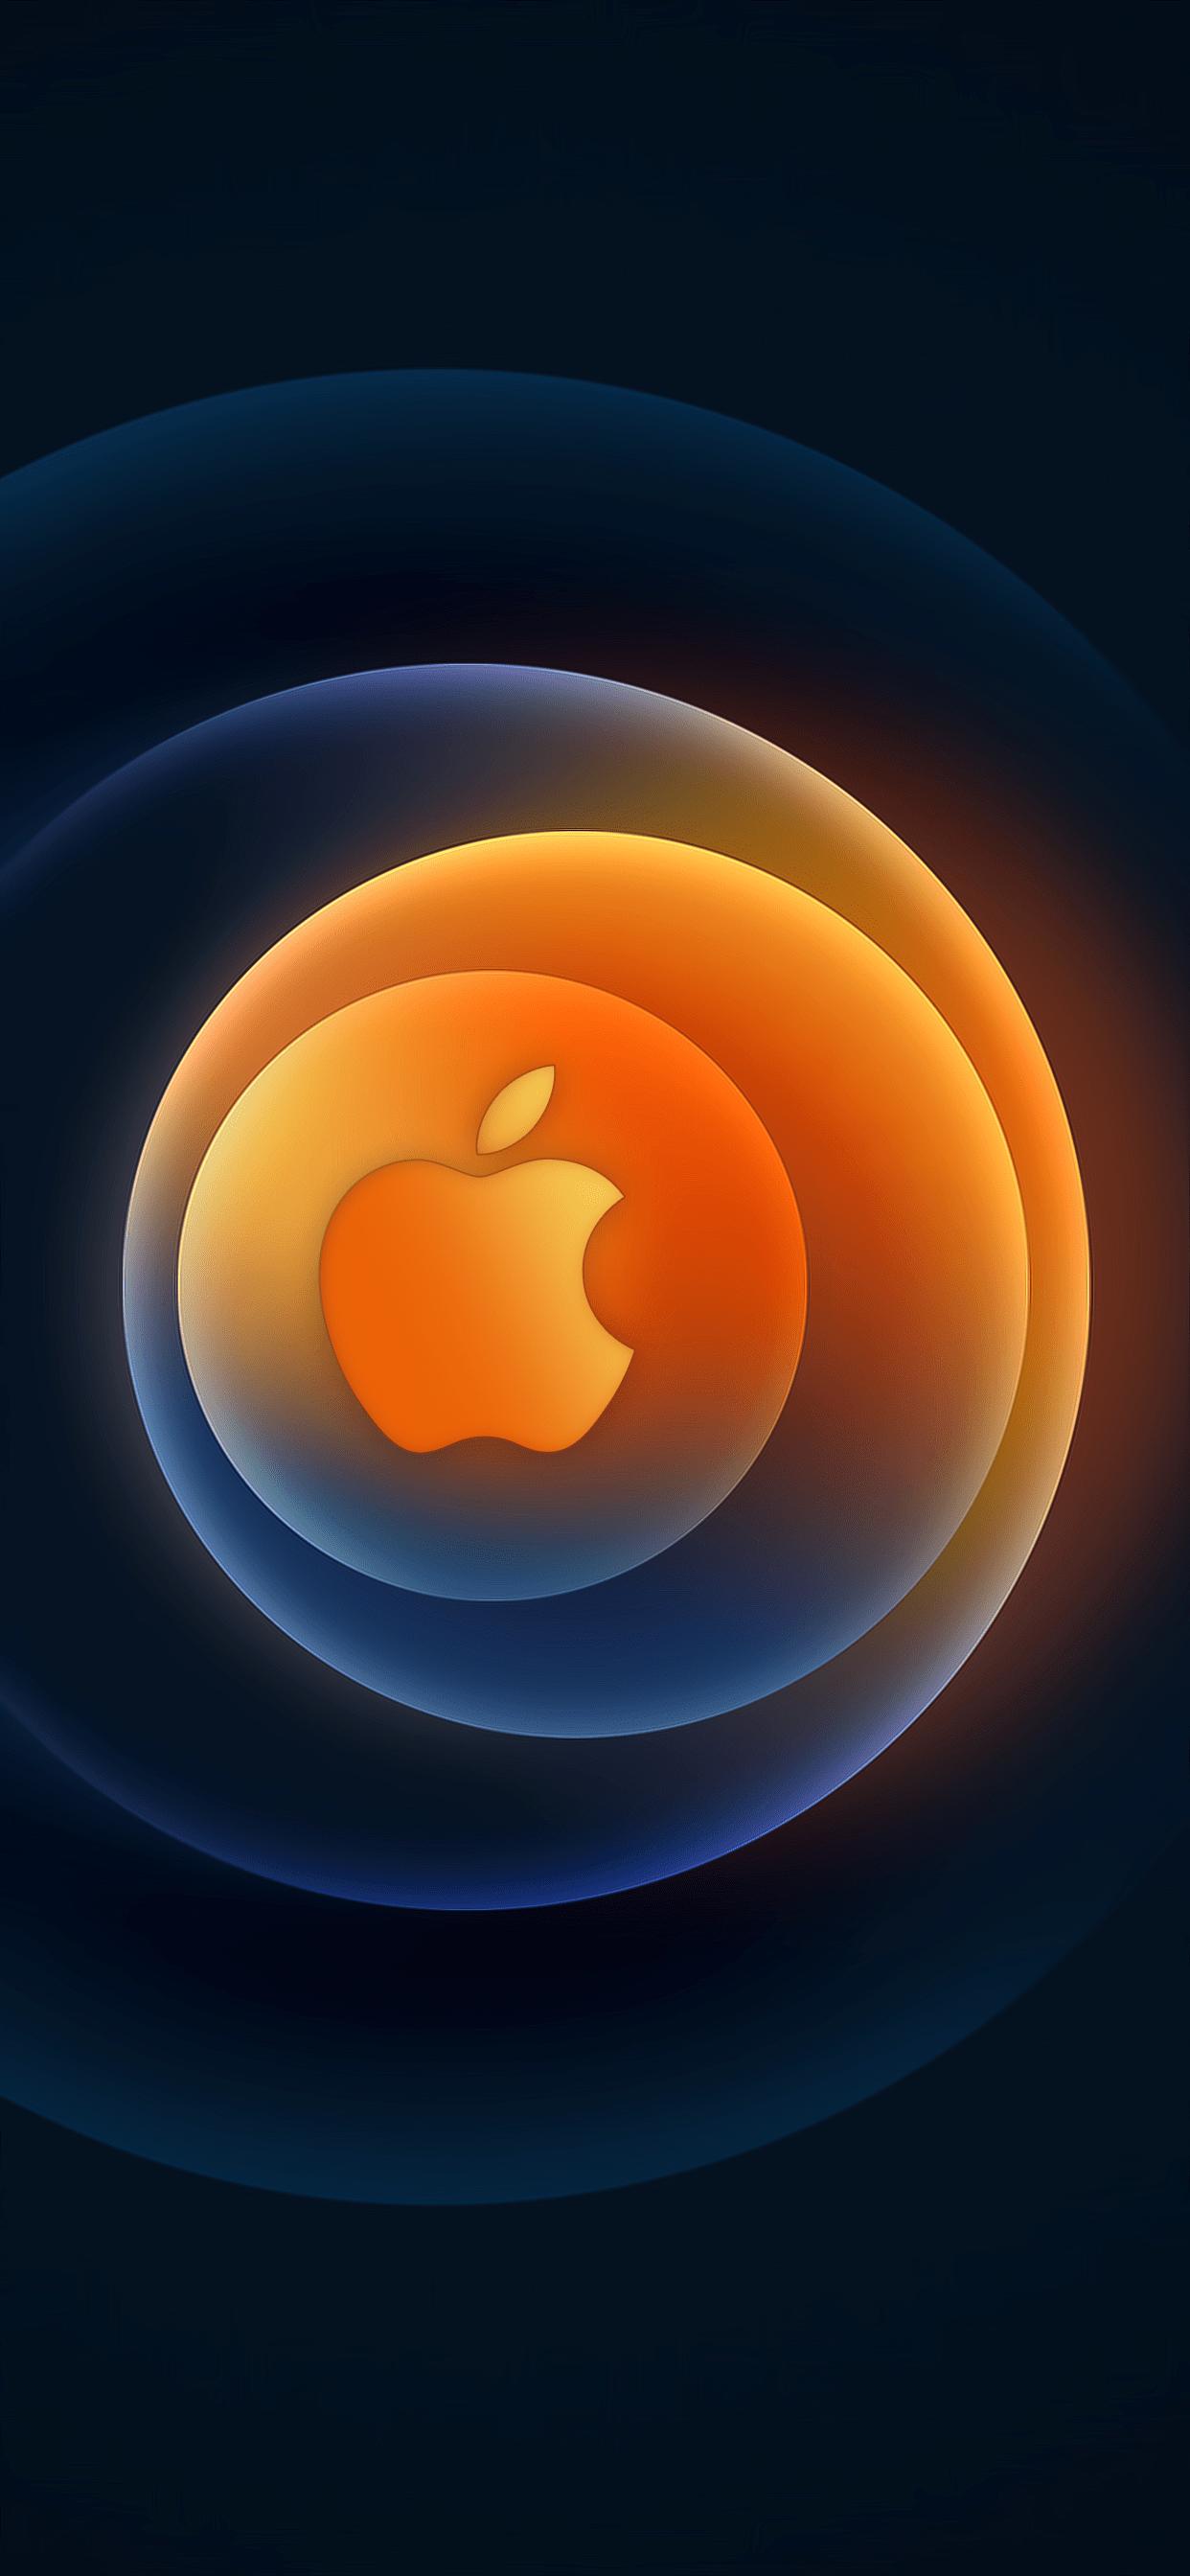 1242x2688 Apple ngày 13 tháng 10 Chào, hình nền sự kiện Tốc độ